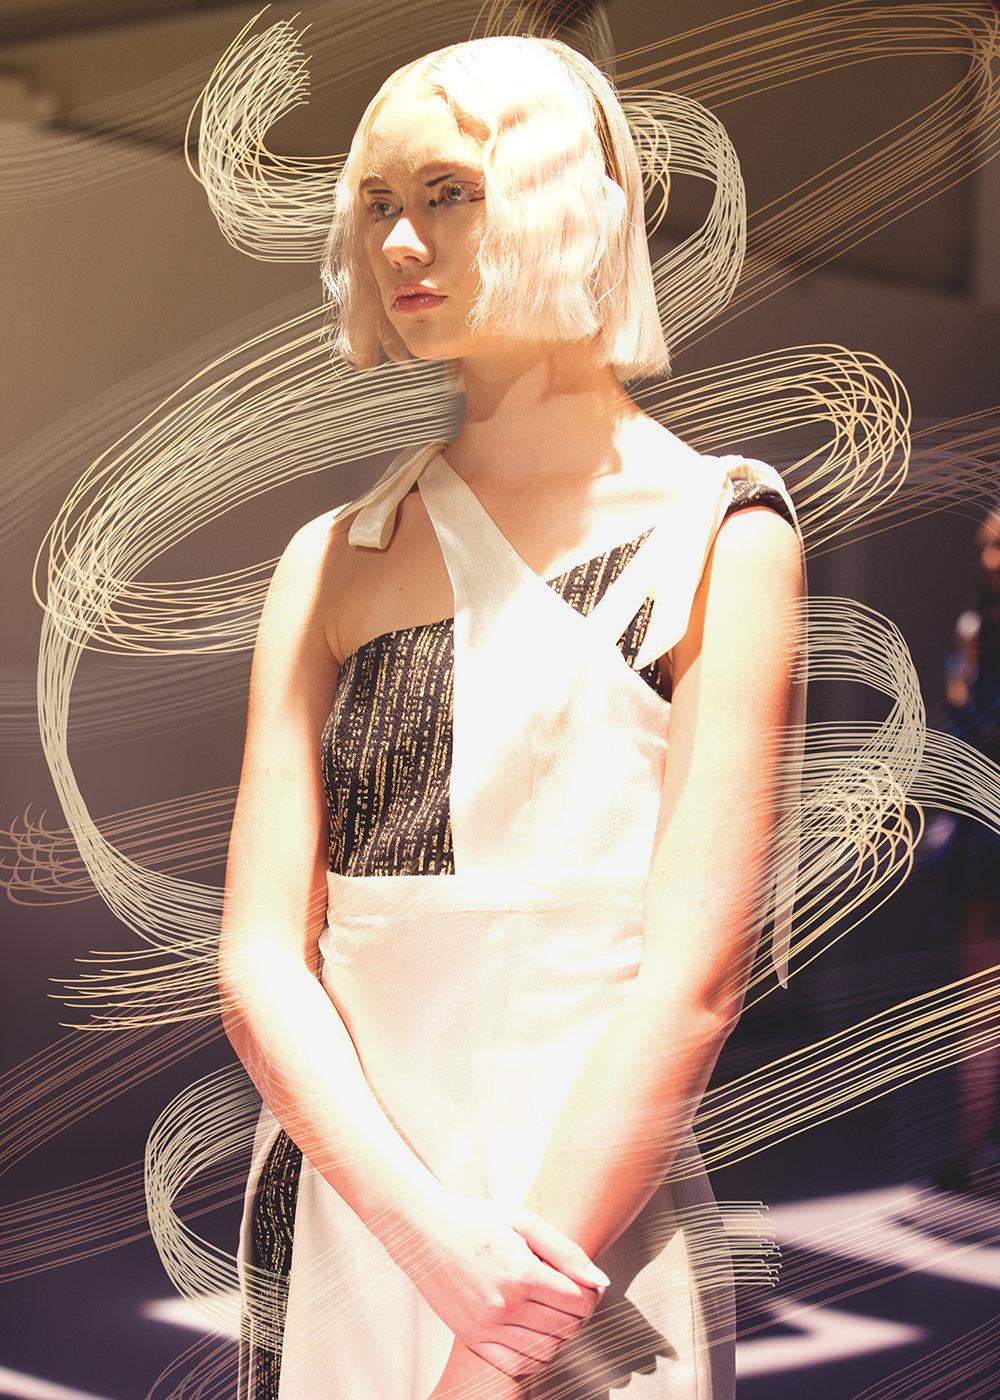 fashioneditorial3web.jpg